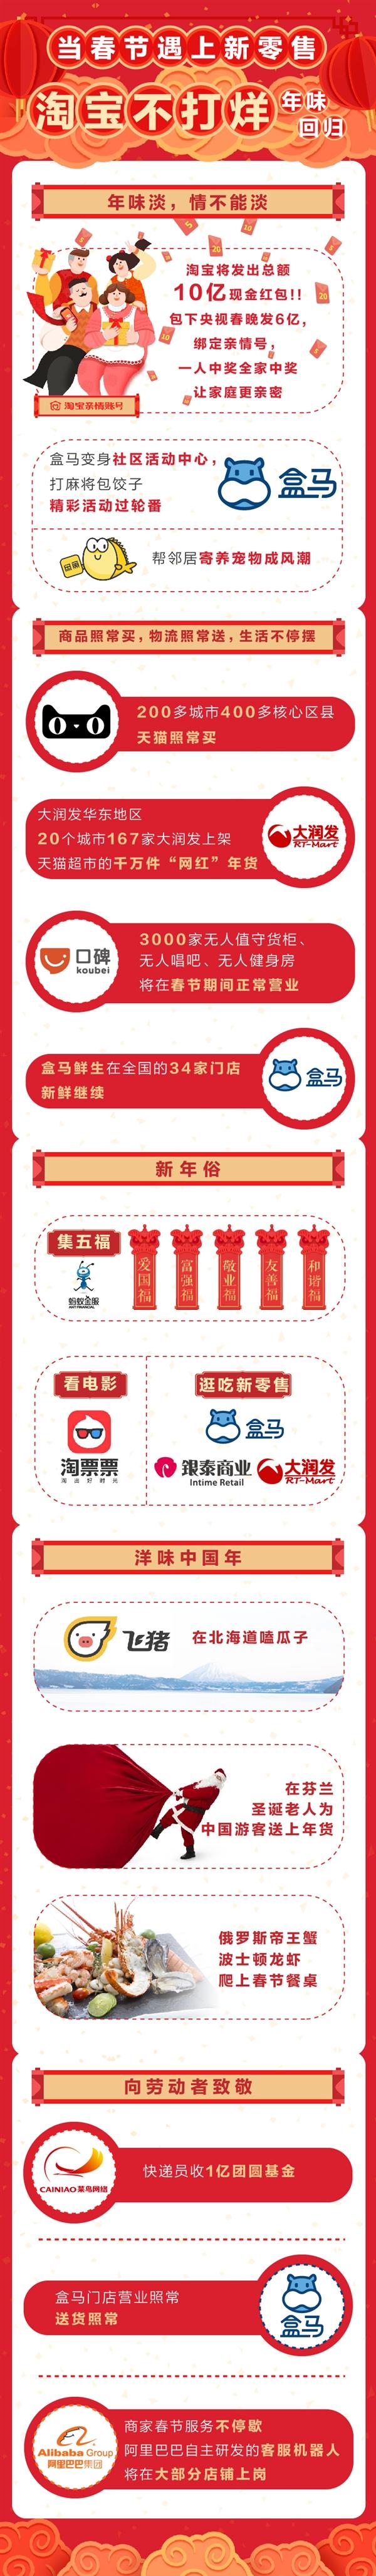 """""""淘宝不打烊""""开启首个新零售春节:联合春晚发6亿红包"""